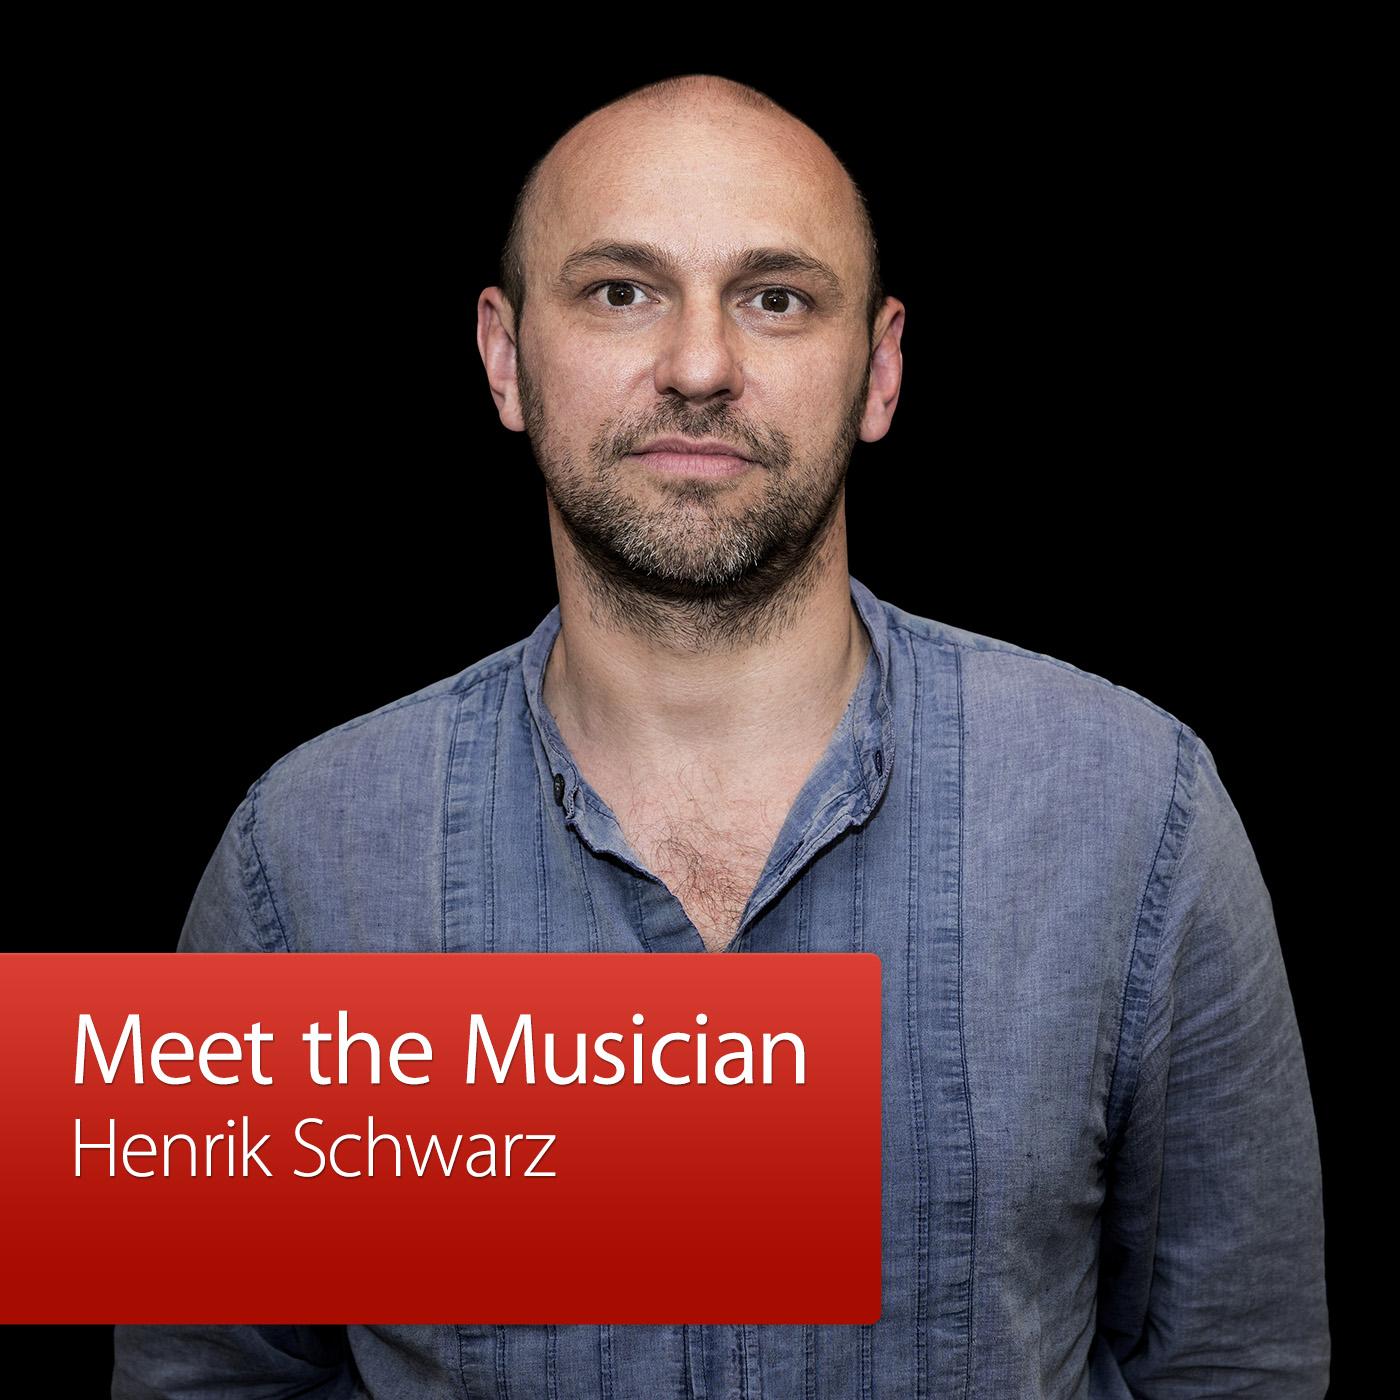 Henrik Schwarz: Meet the Musician